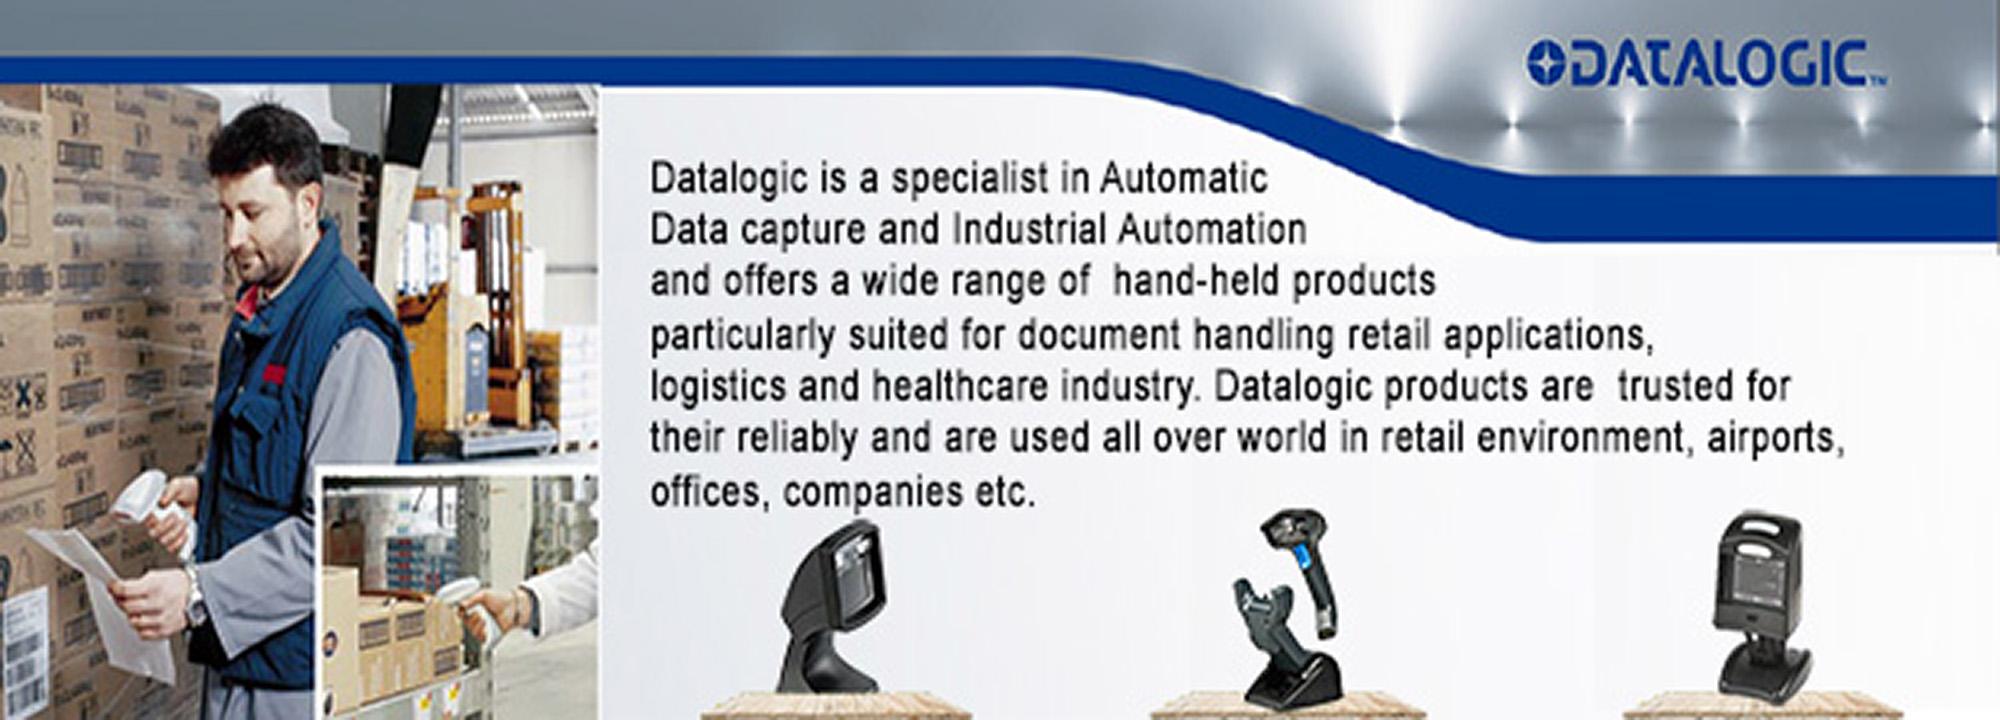 datalogicbanner.jpg